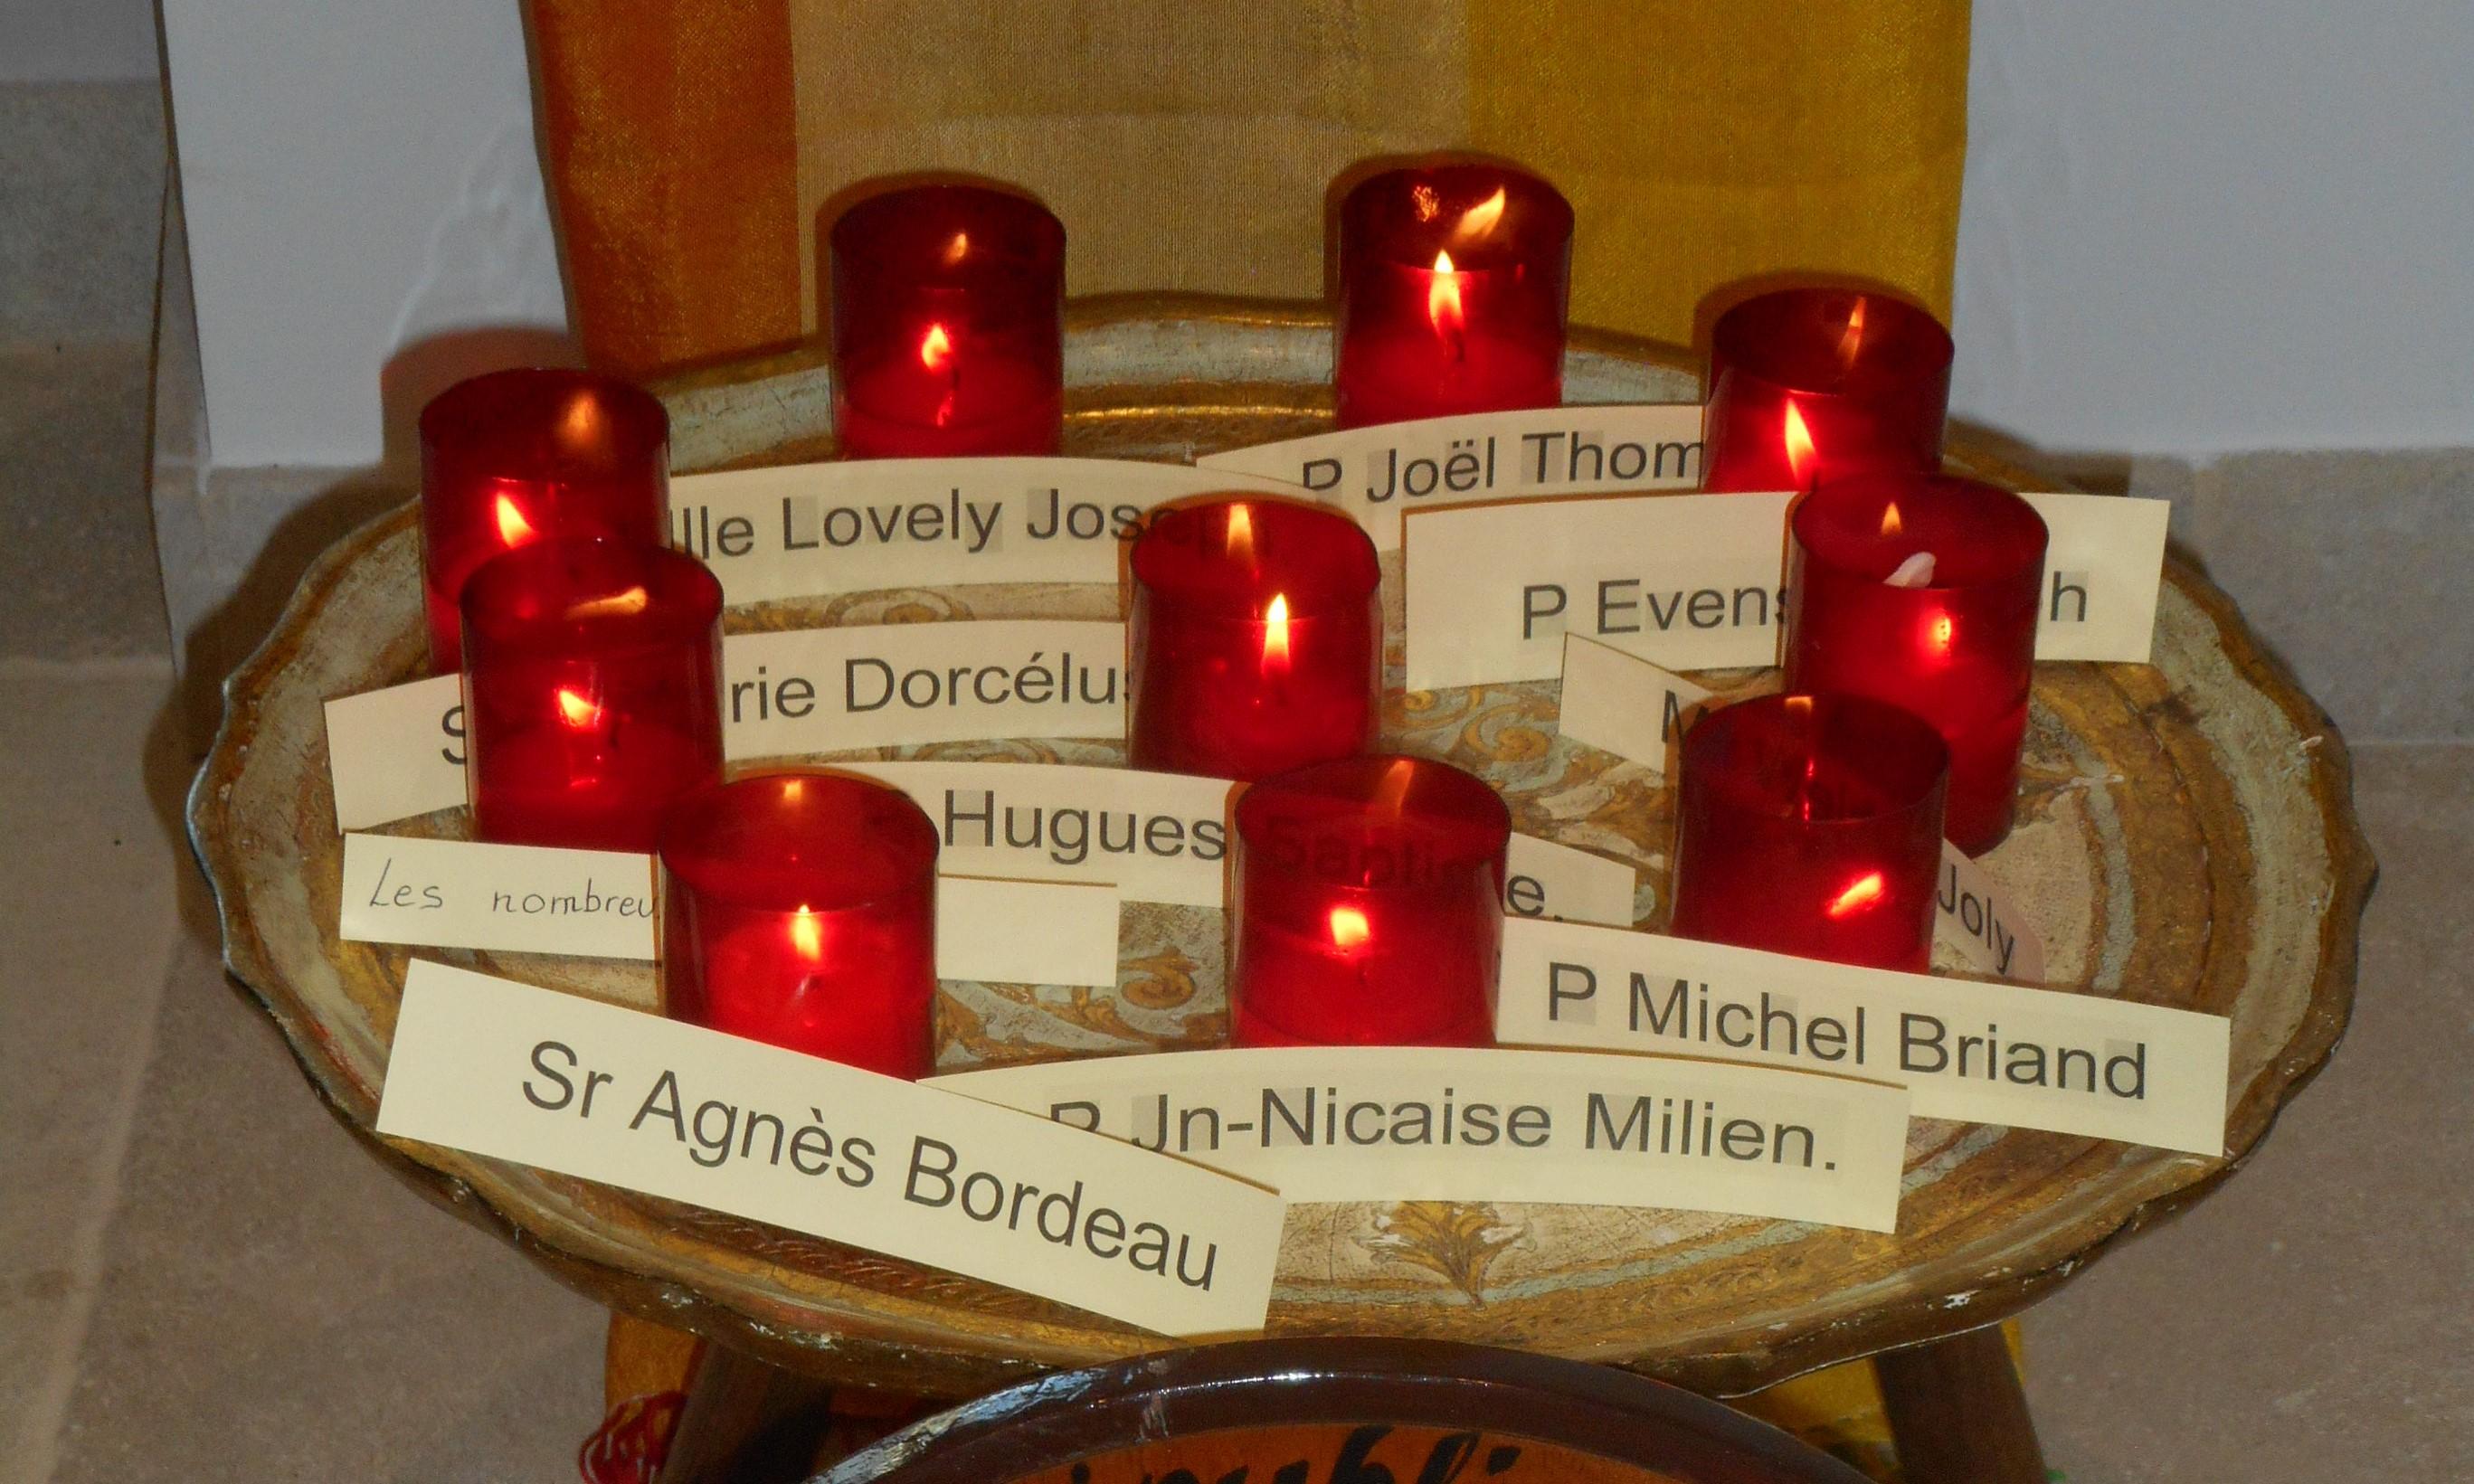 Du 22 au 30 avril, neuvaine de prière pour les personnes enlevées en Haïti